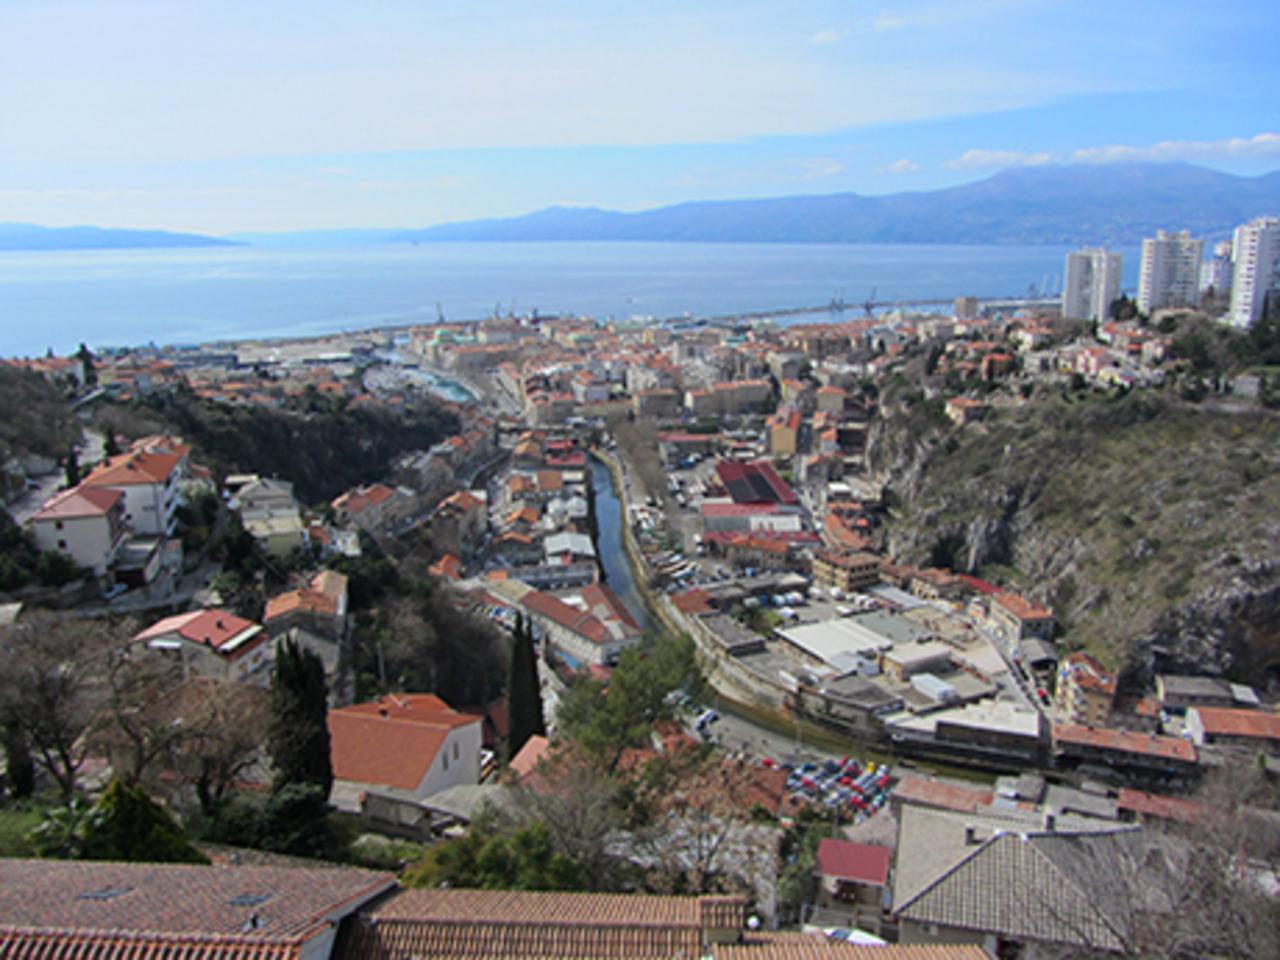 Ausschreibung: Stadtschreiber-Stipendium in Rijeka/Fiume 2020